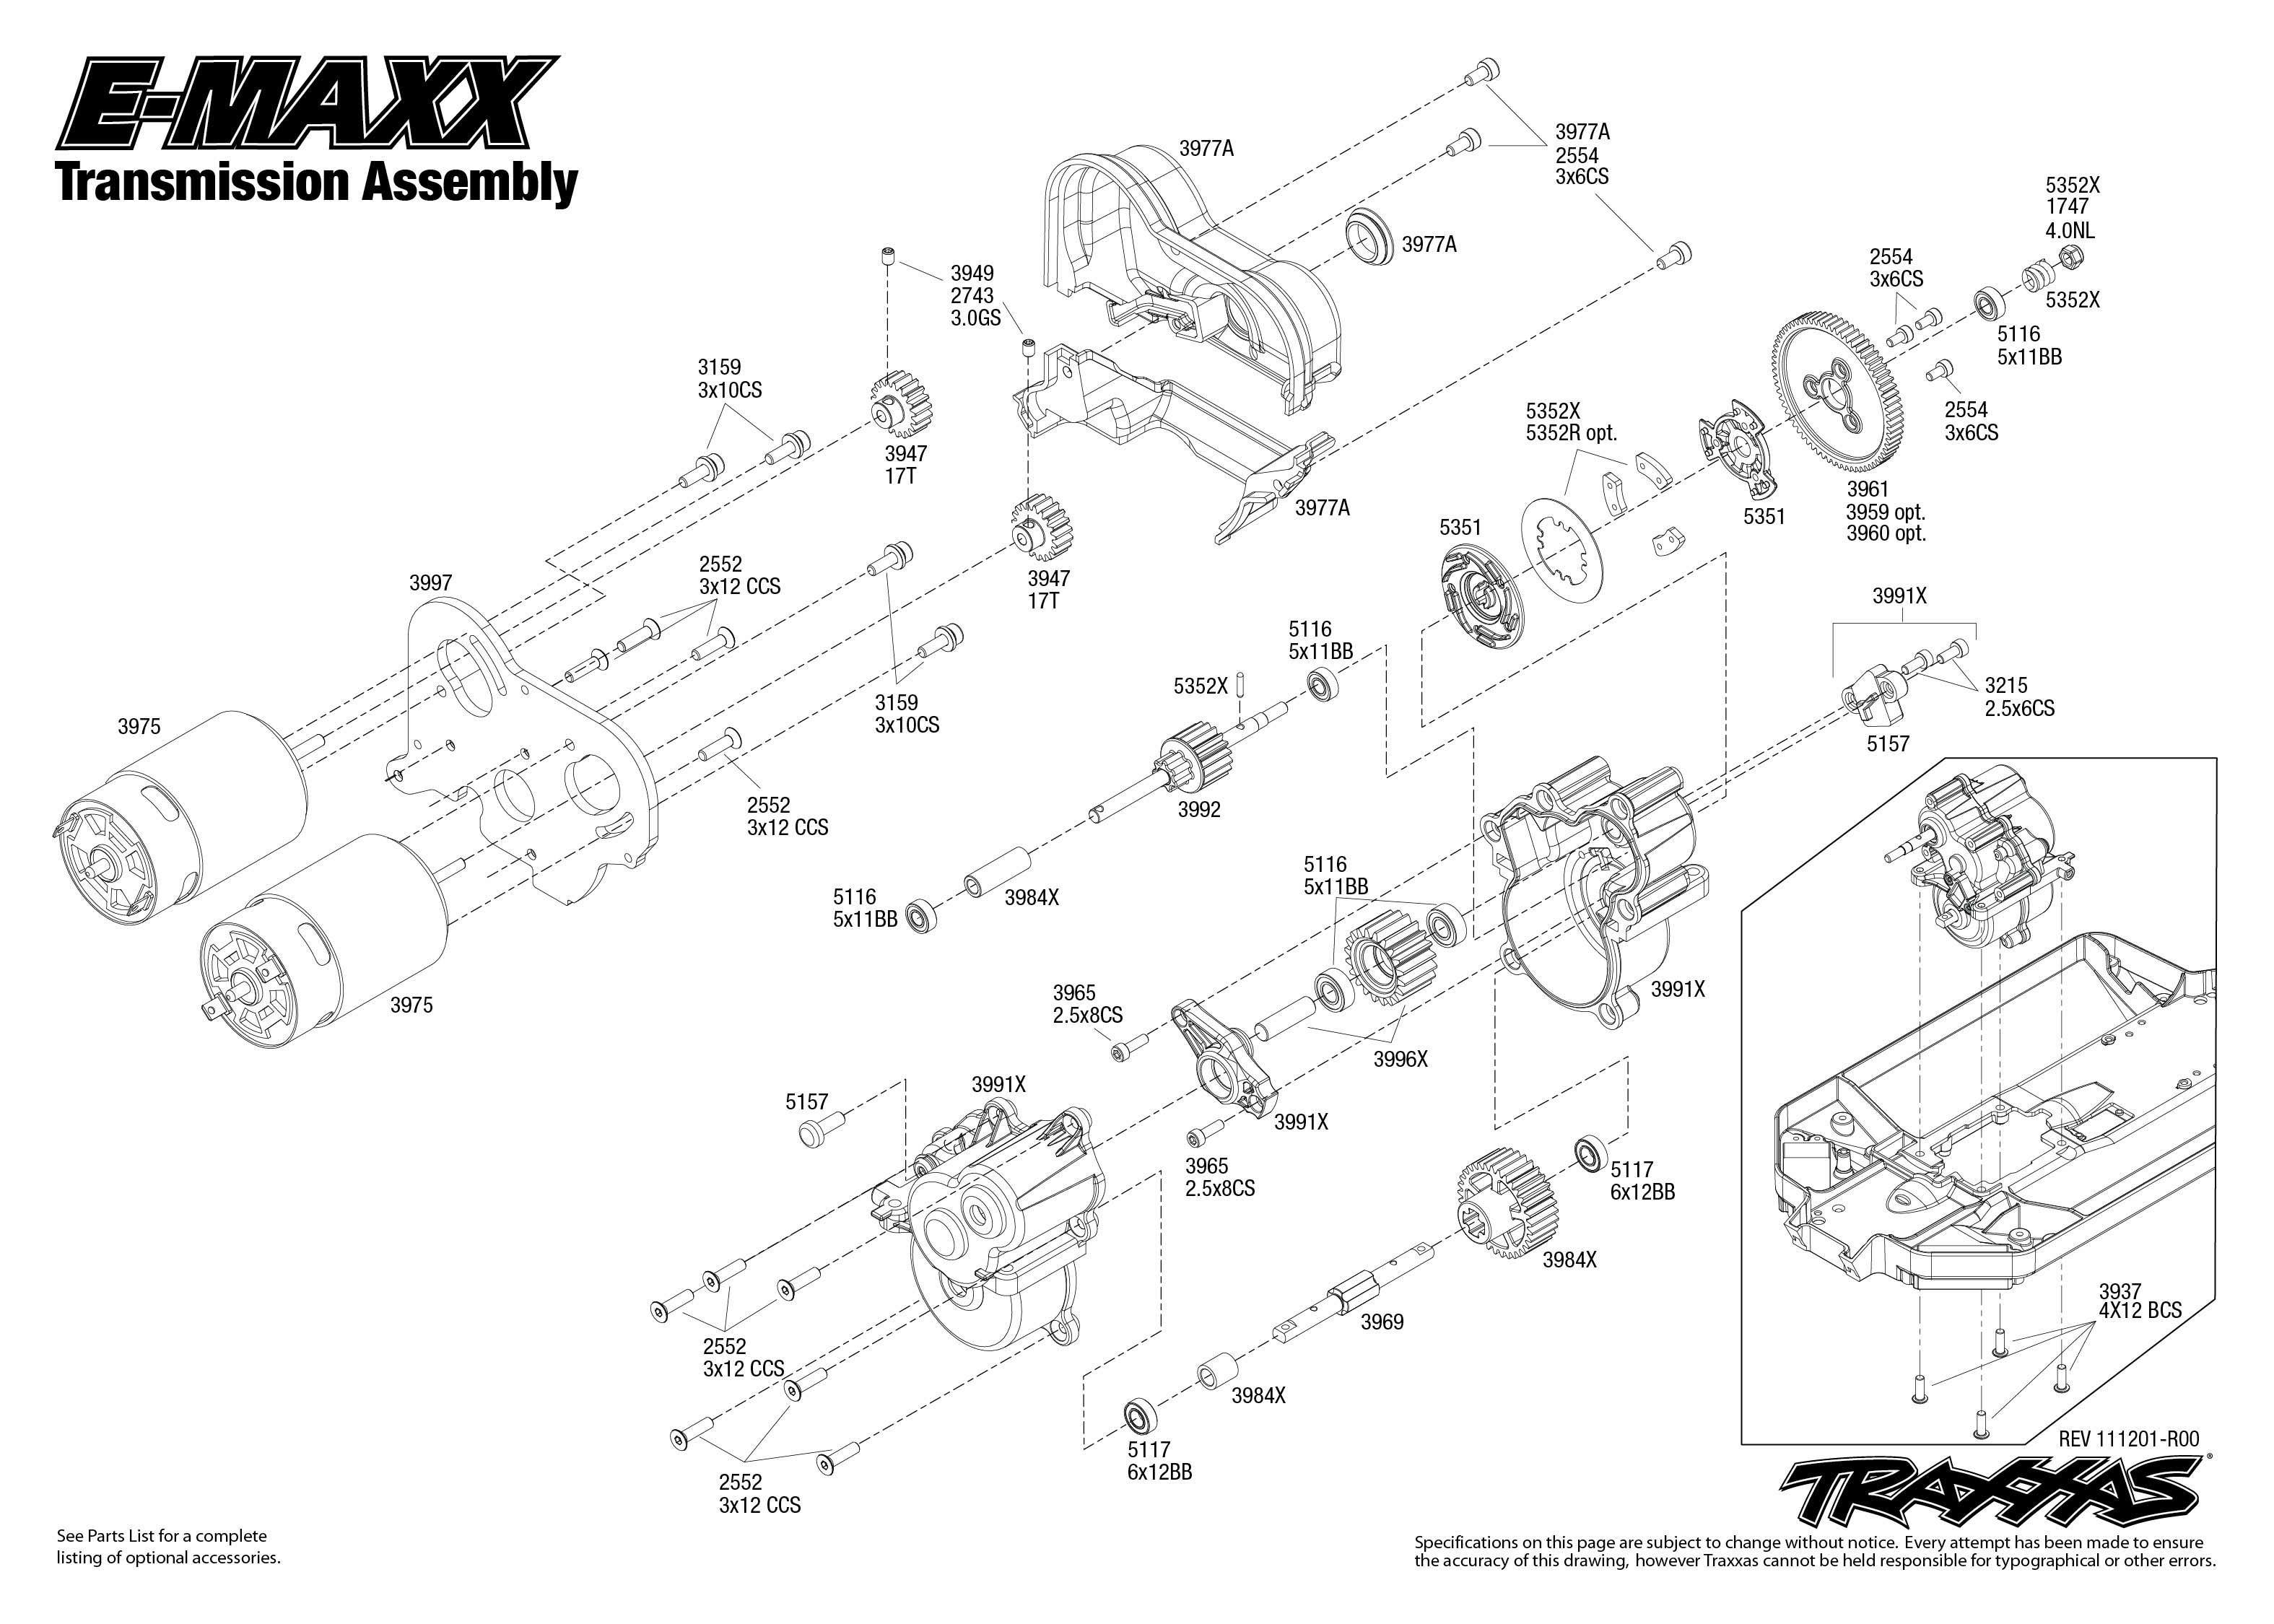 Traxxas Bouwtekening Transmissie E Maxx